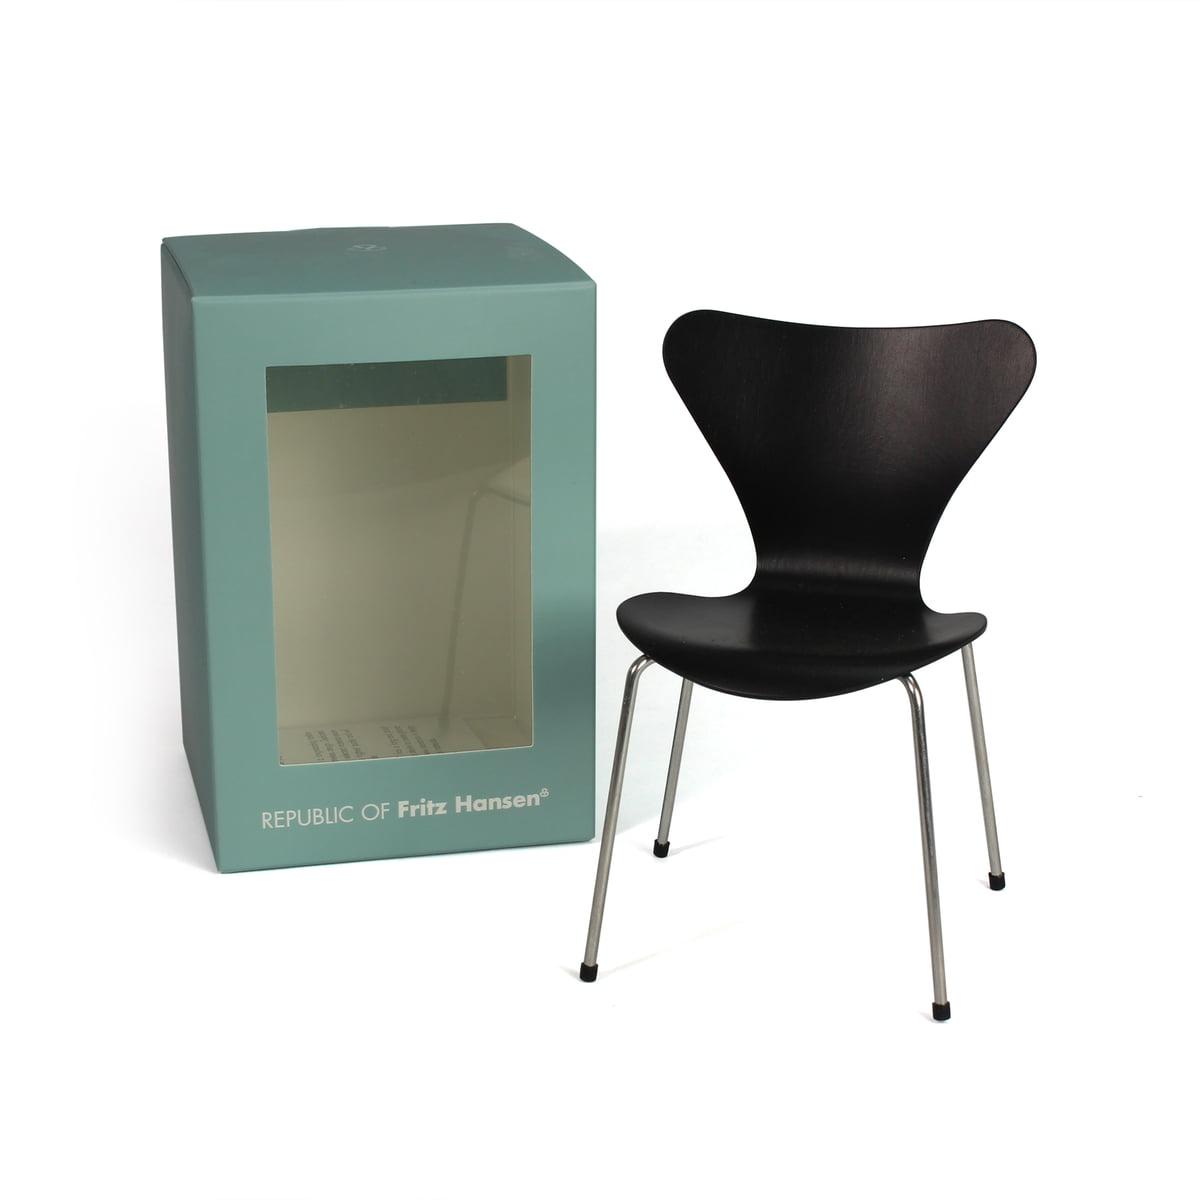 chaise s rie 7 mini par fritz hansen connox. Black Bedroom Furniture Sets. Home Design Ideas